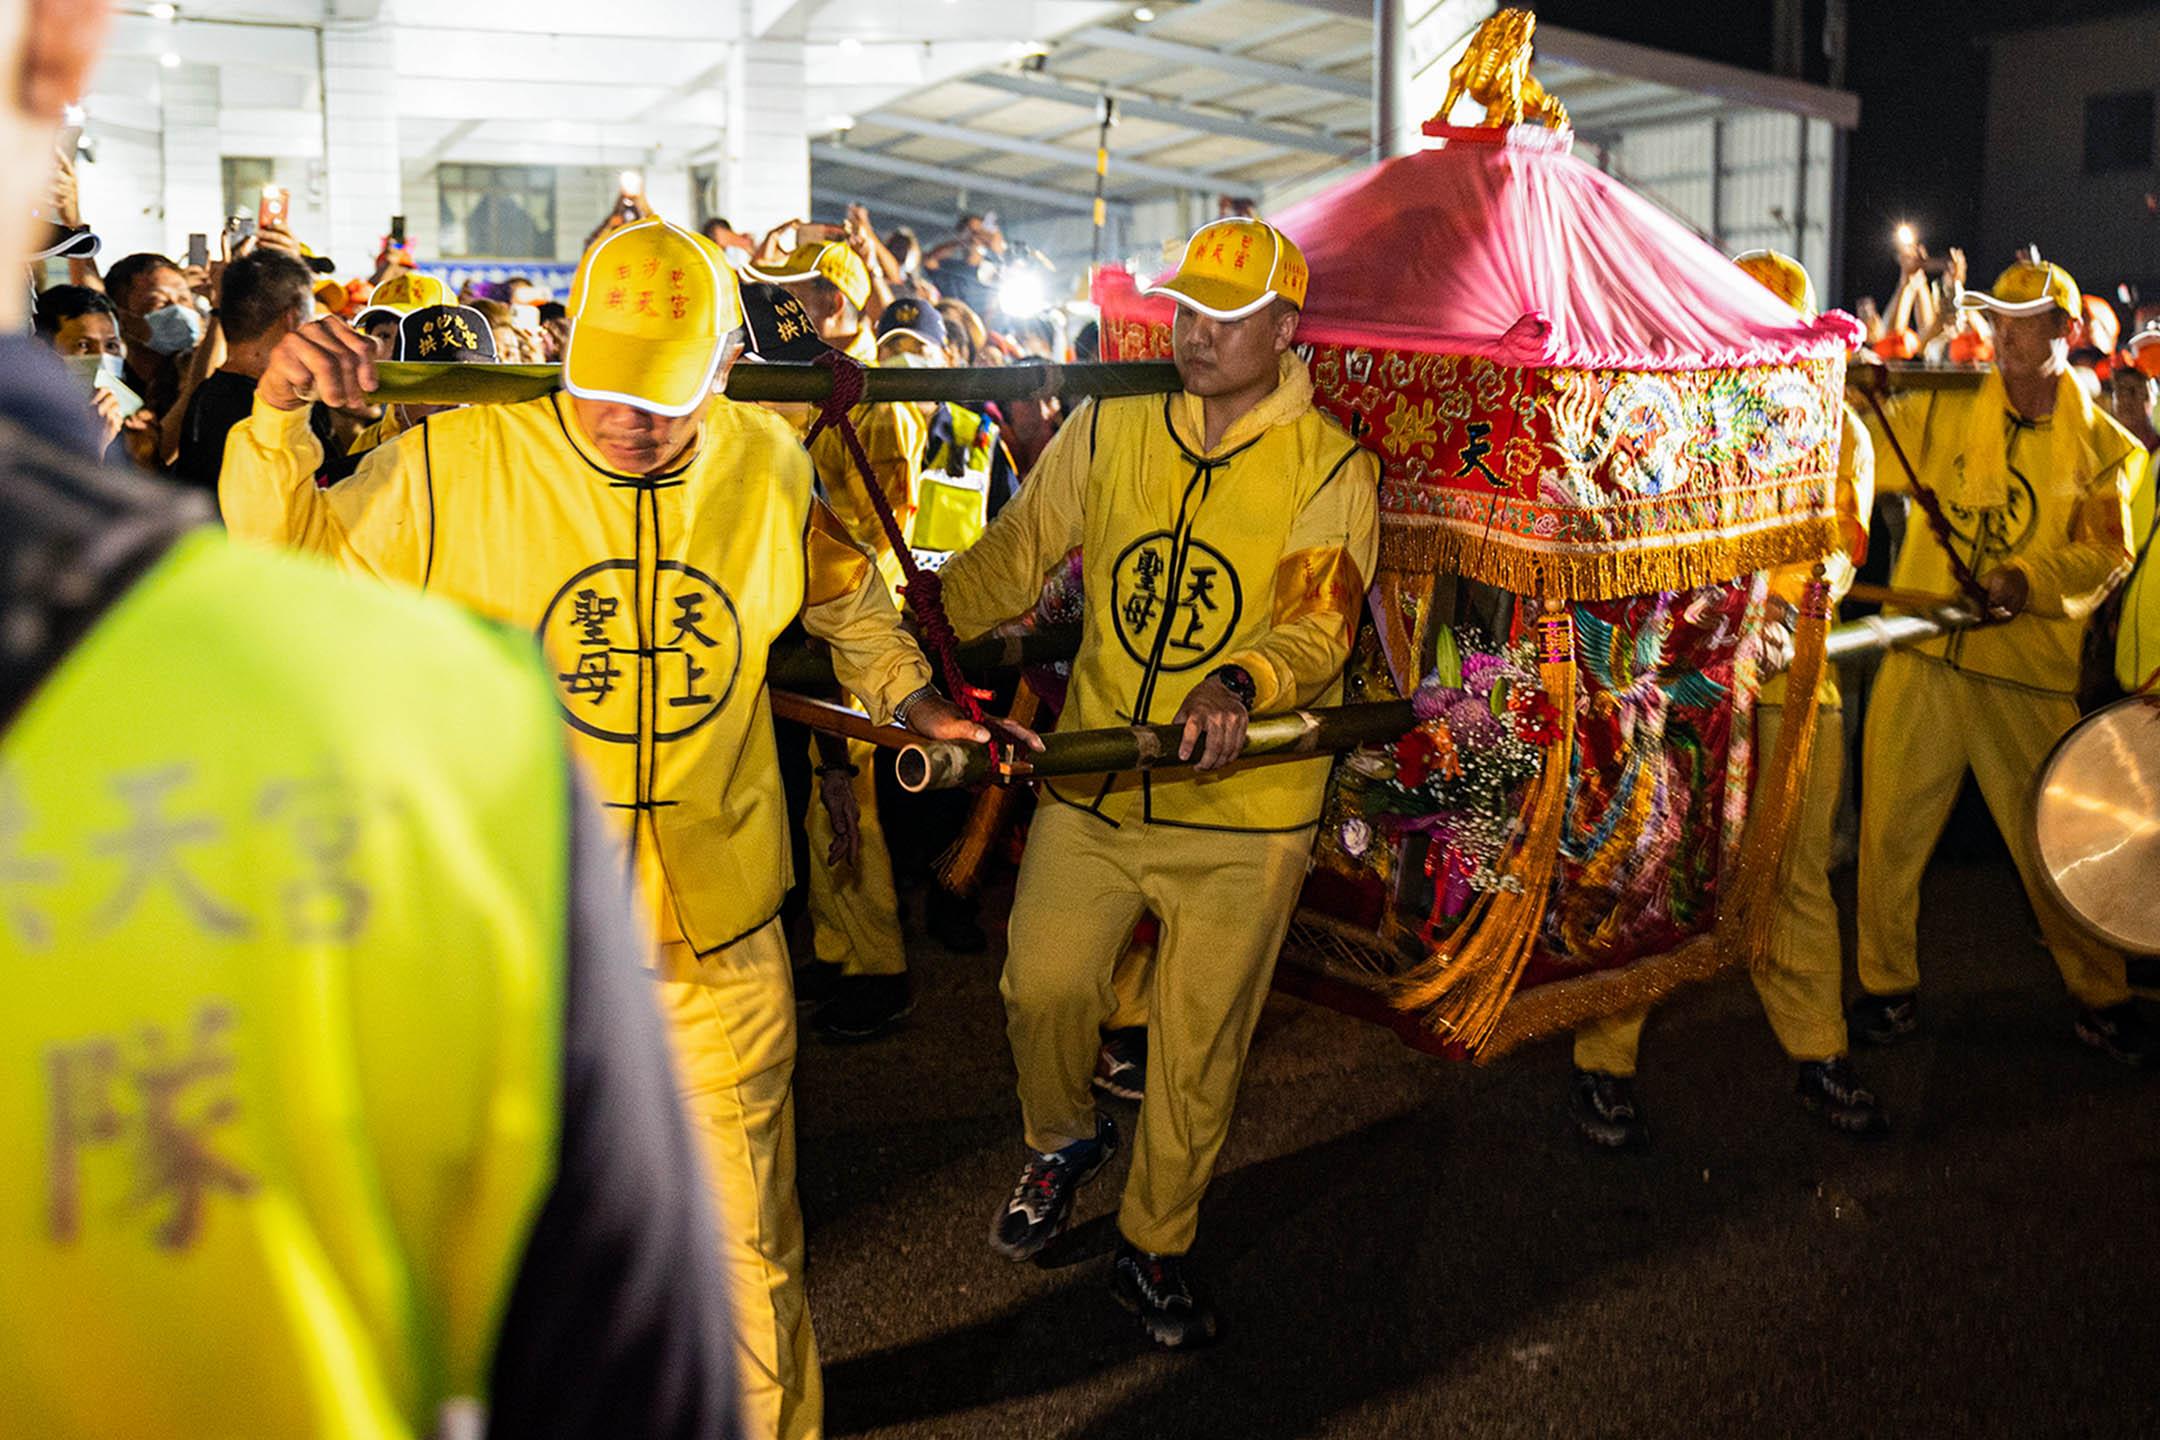 白沙屯媽祖的鑾轎為粉紅色,被信眾暱稱「粉紅超跑」。